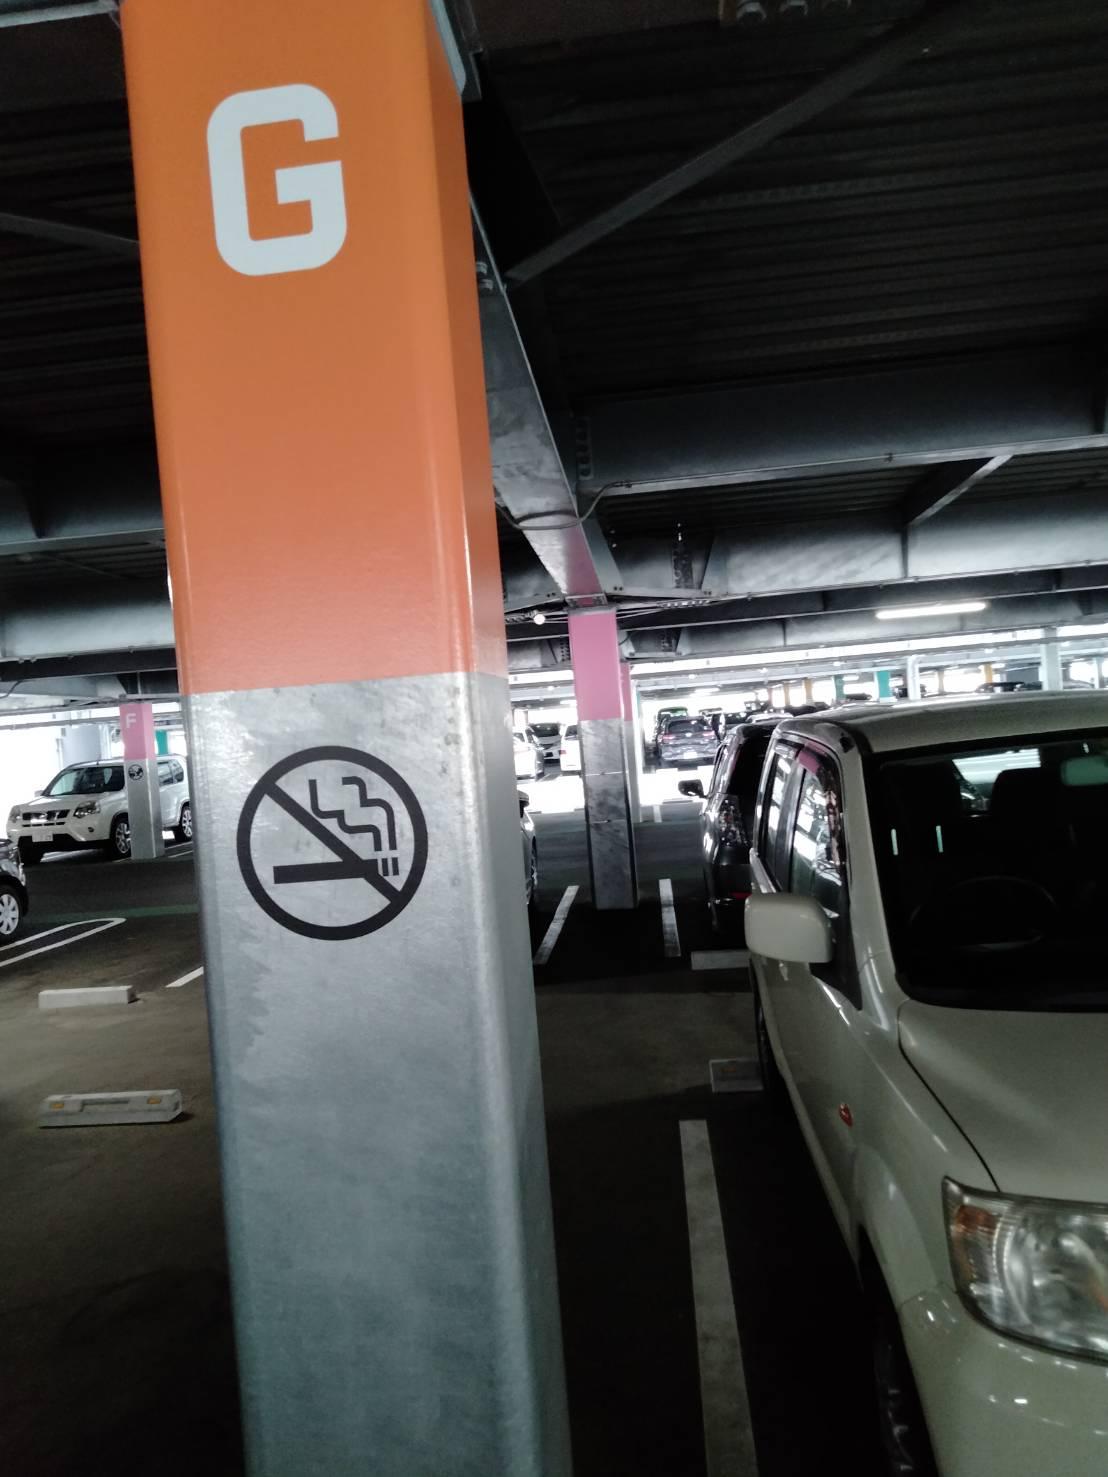 Gメッセ駐車場